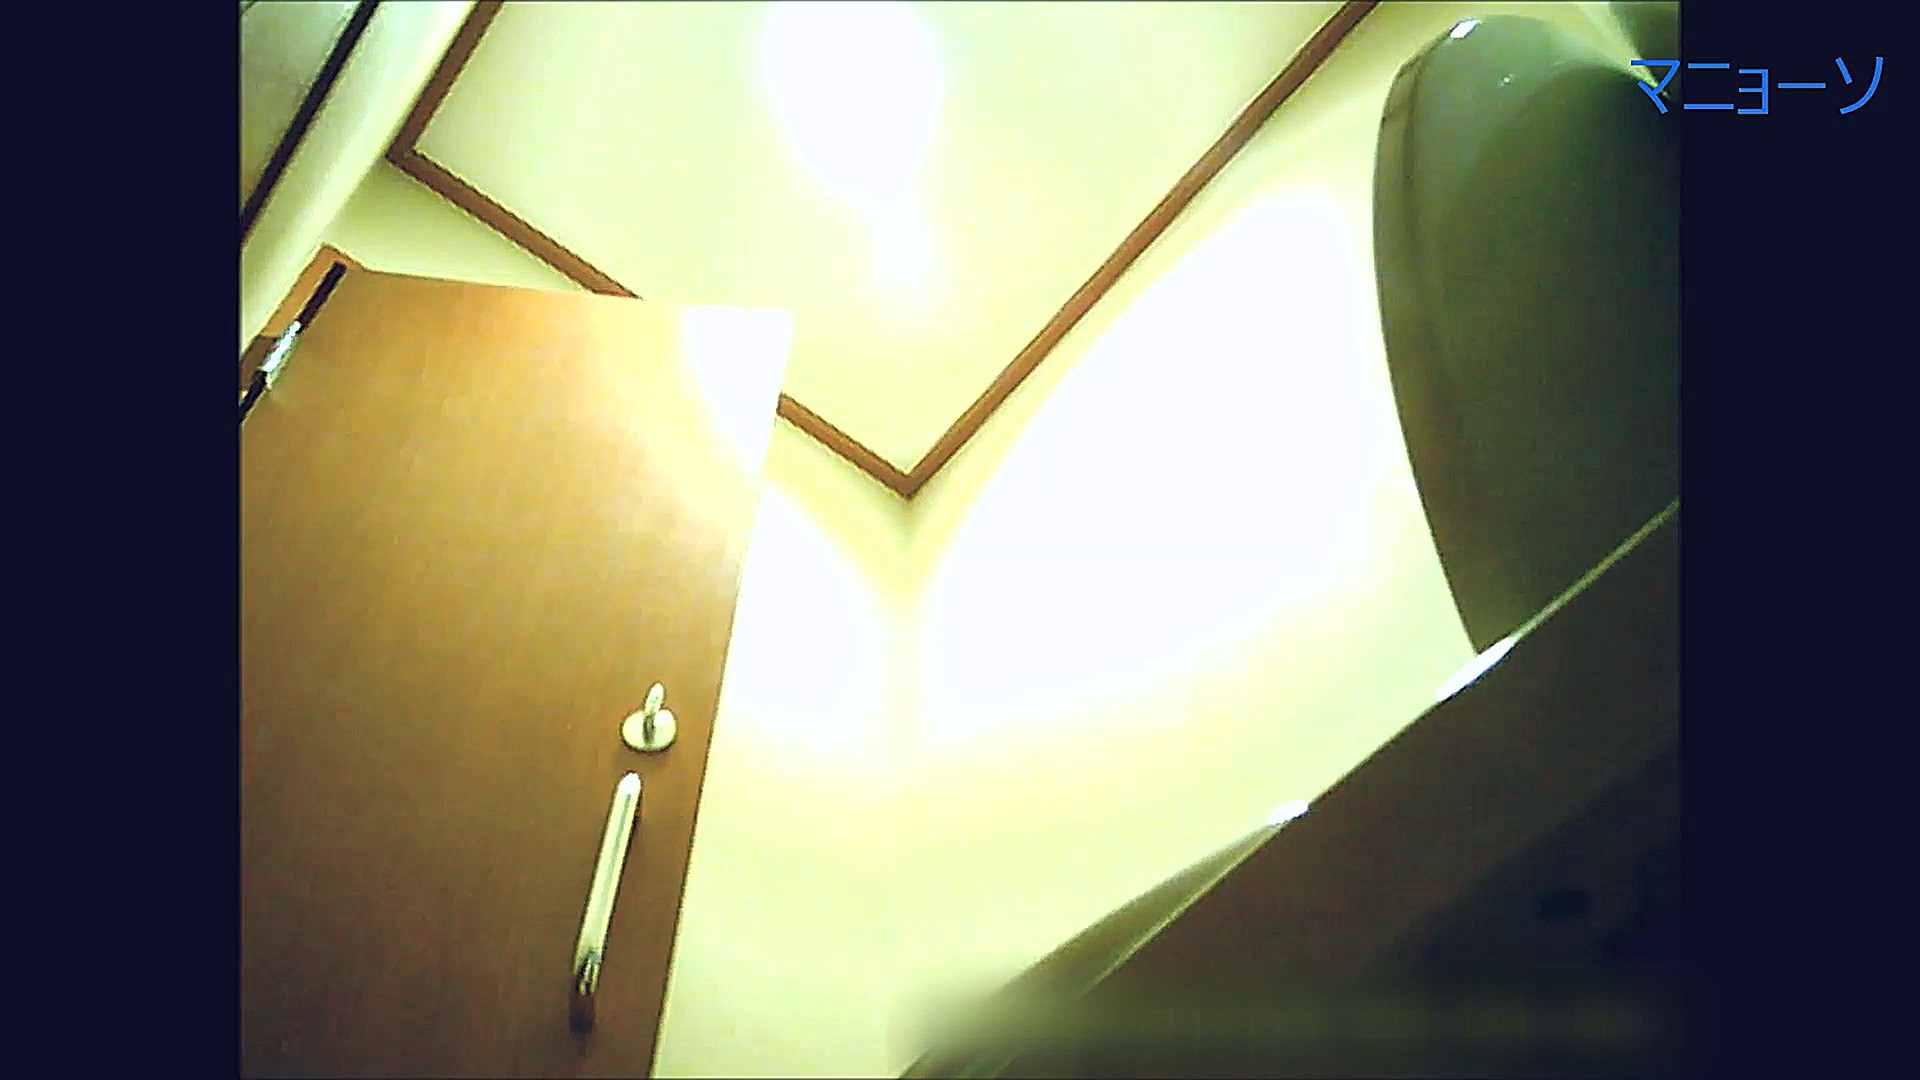 トイレでひと肌脱いでもらいました (番外編)Vol.04 盗撮編   トイレ盗撮  103枚 47